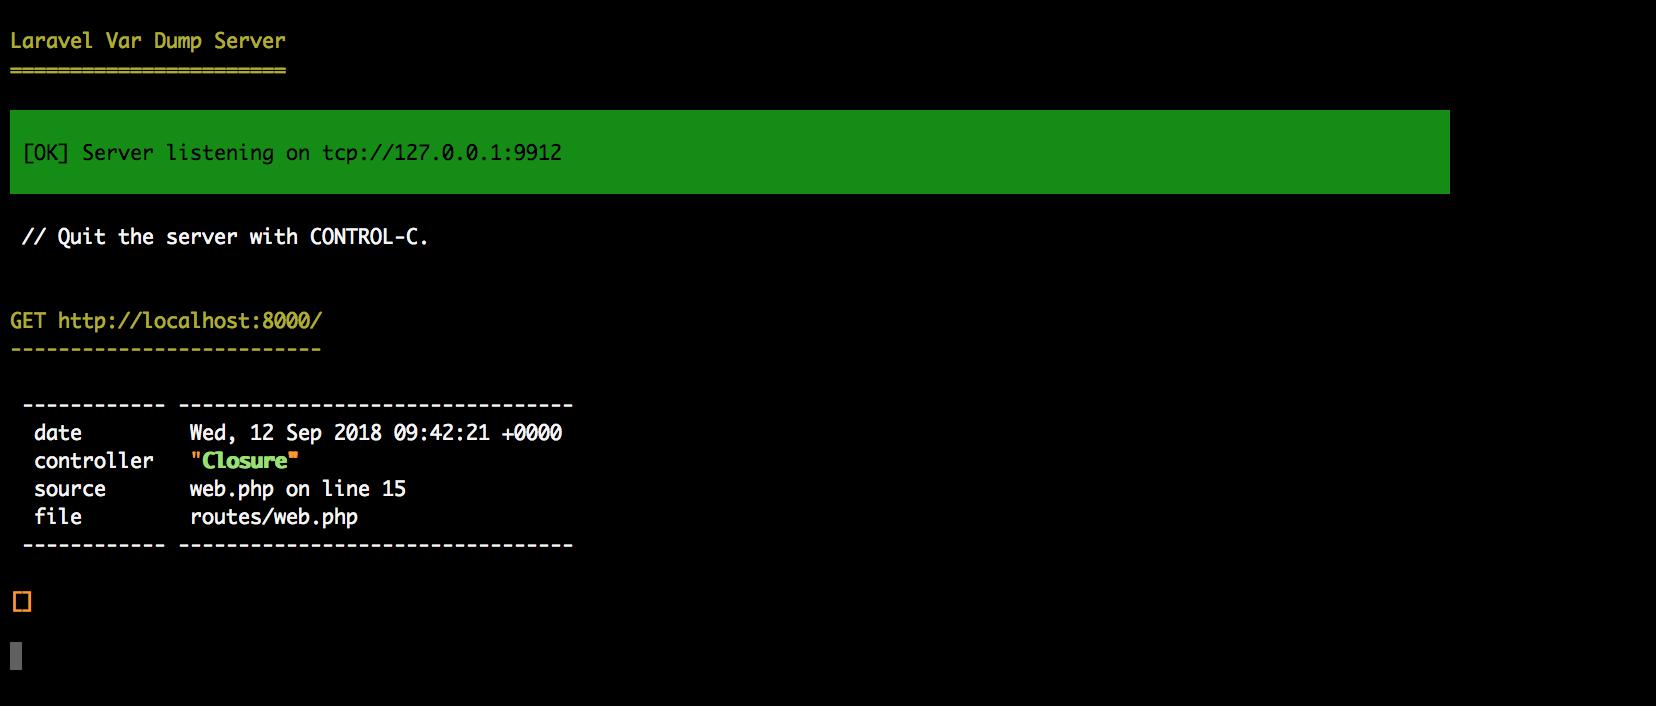 Laravel 5.7 dump server